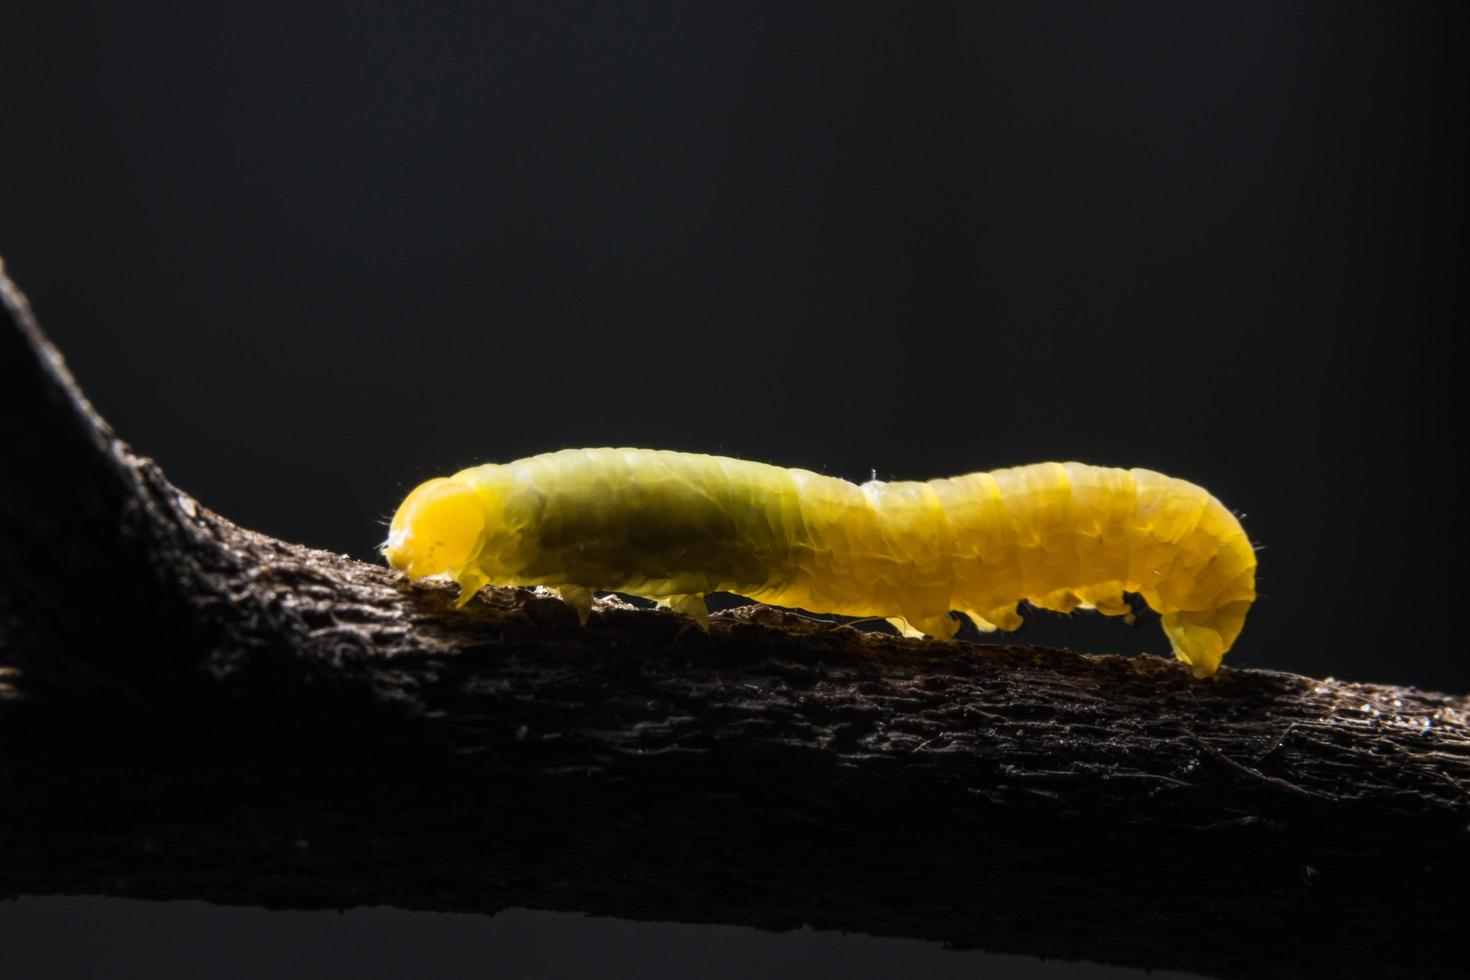 gusano en una rama foto